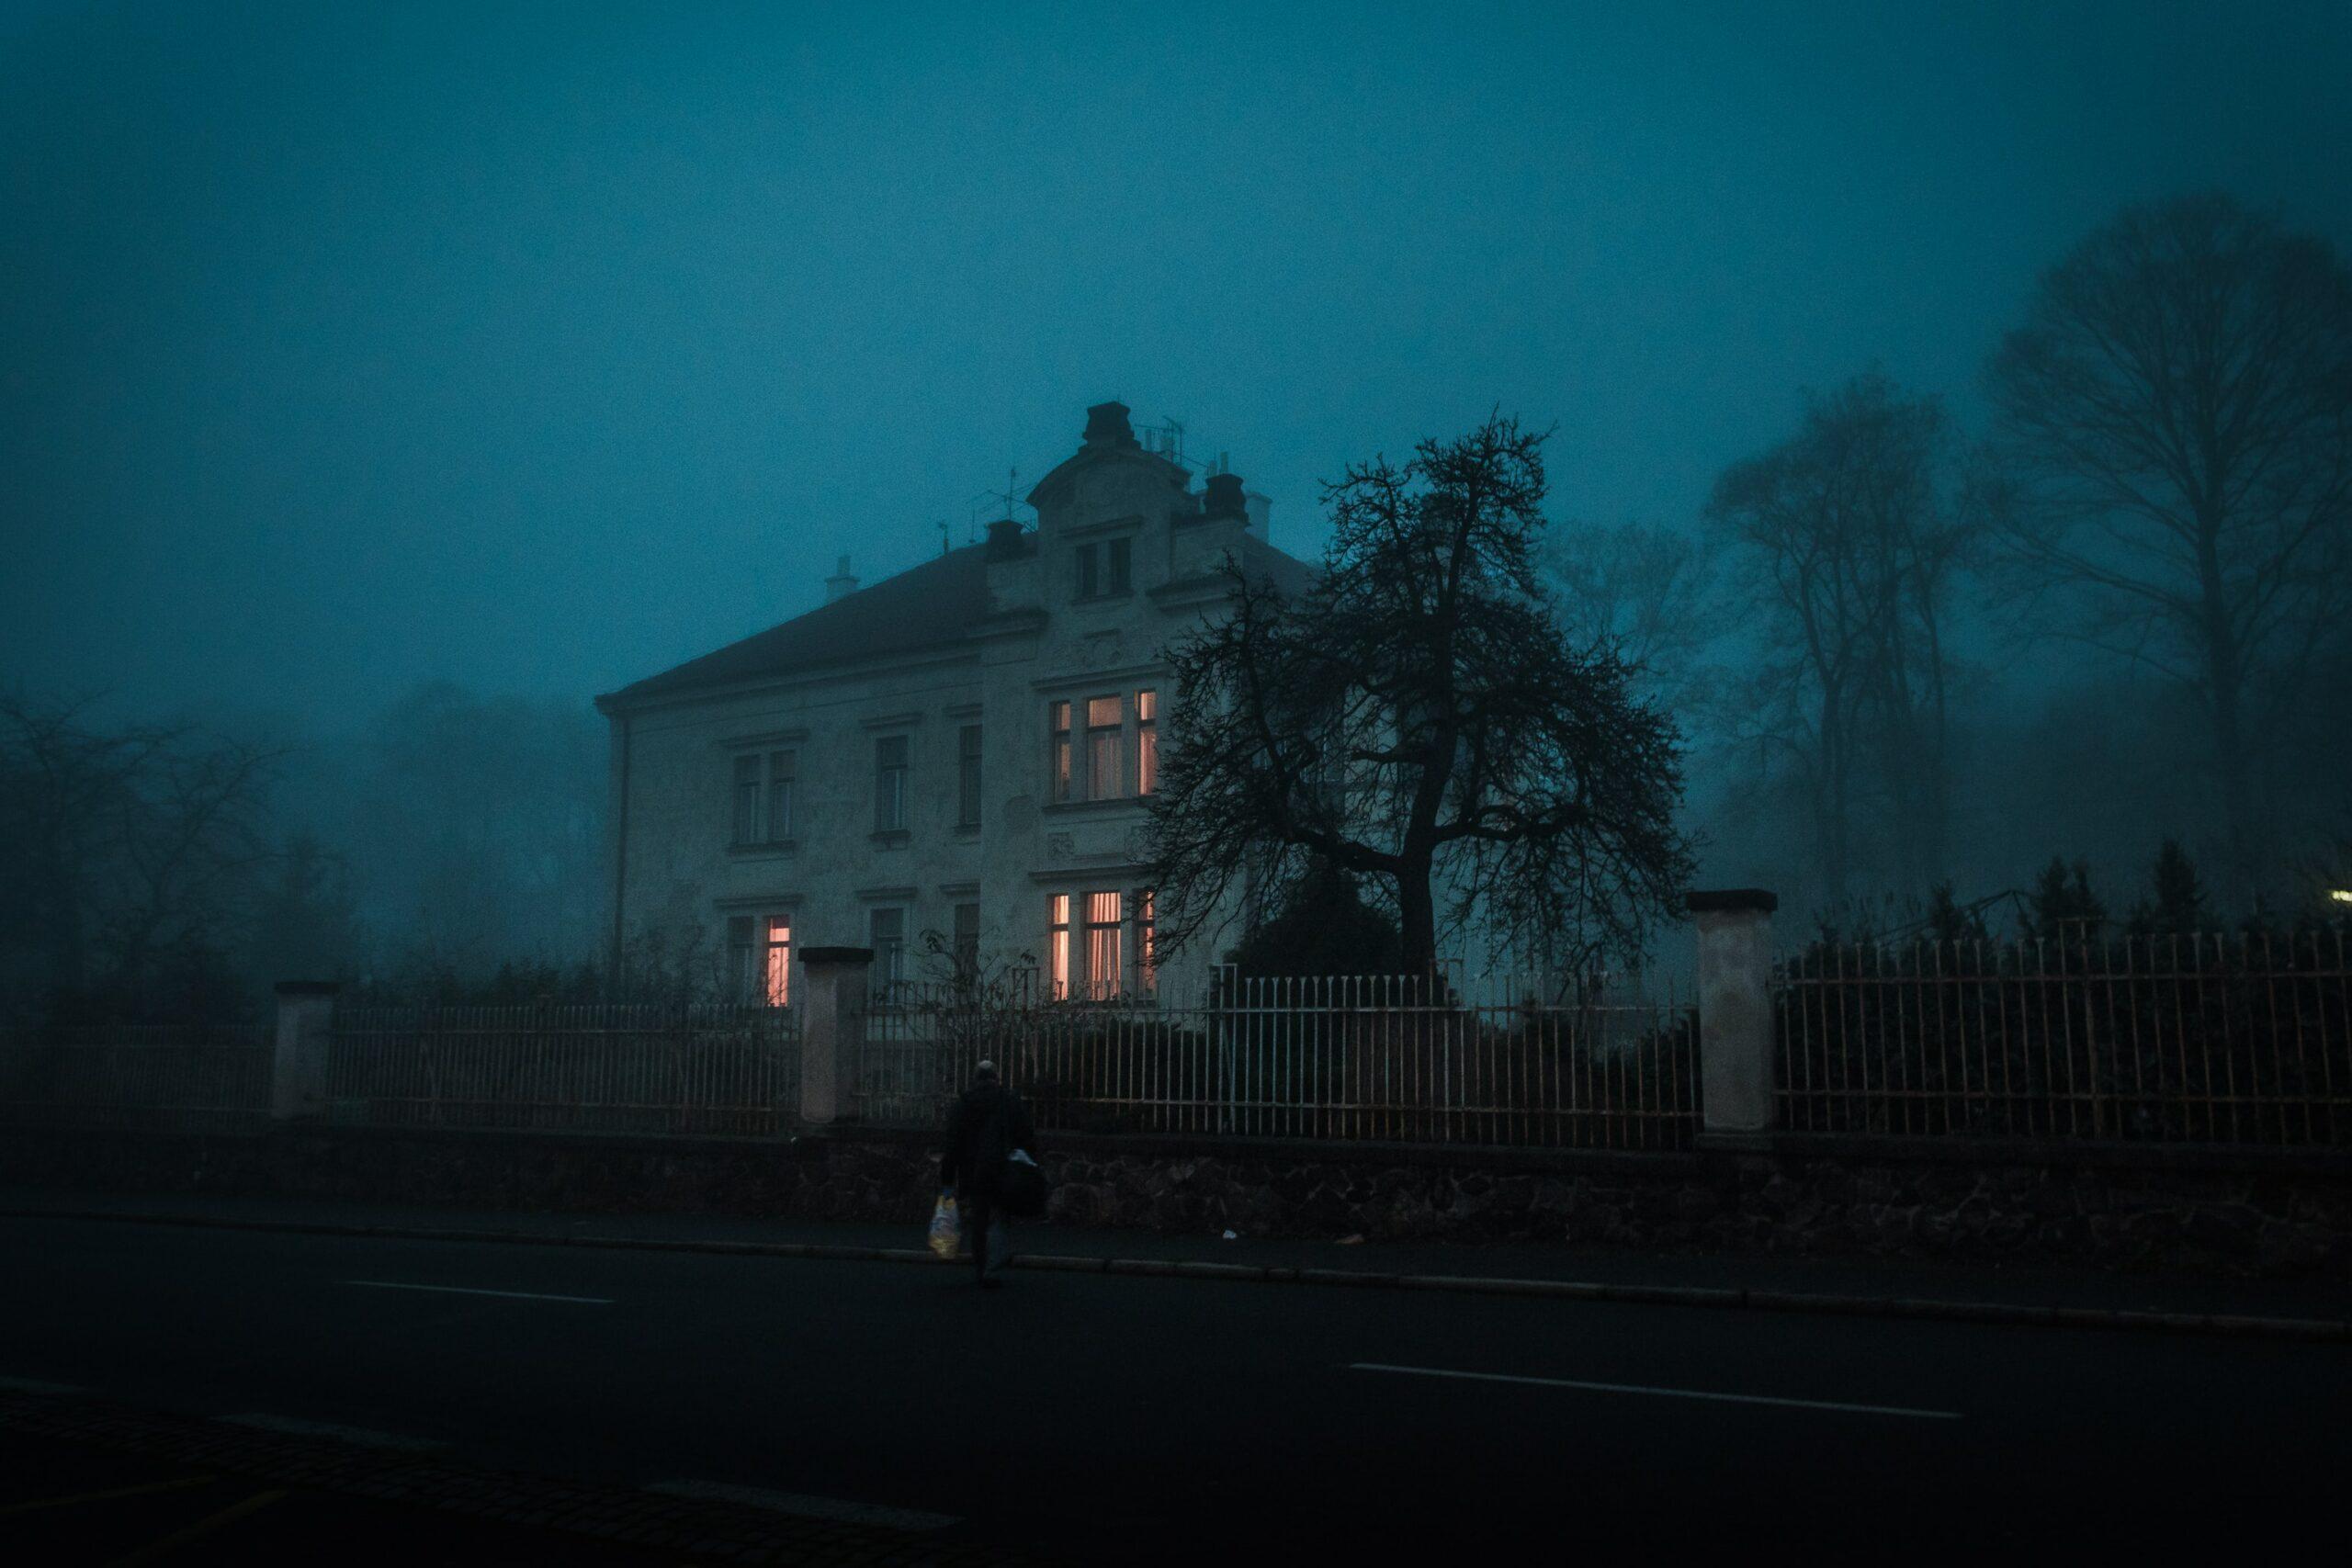 haunted house scaled